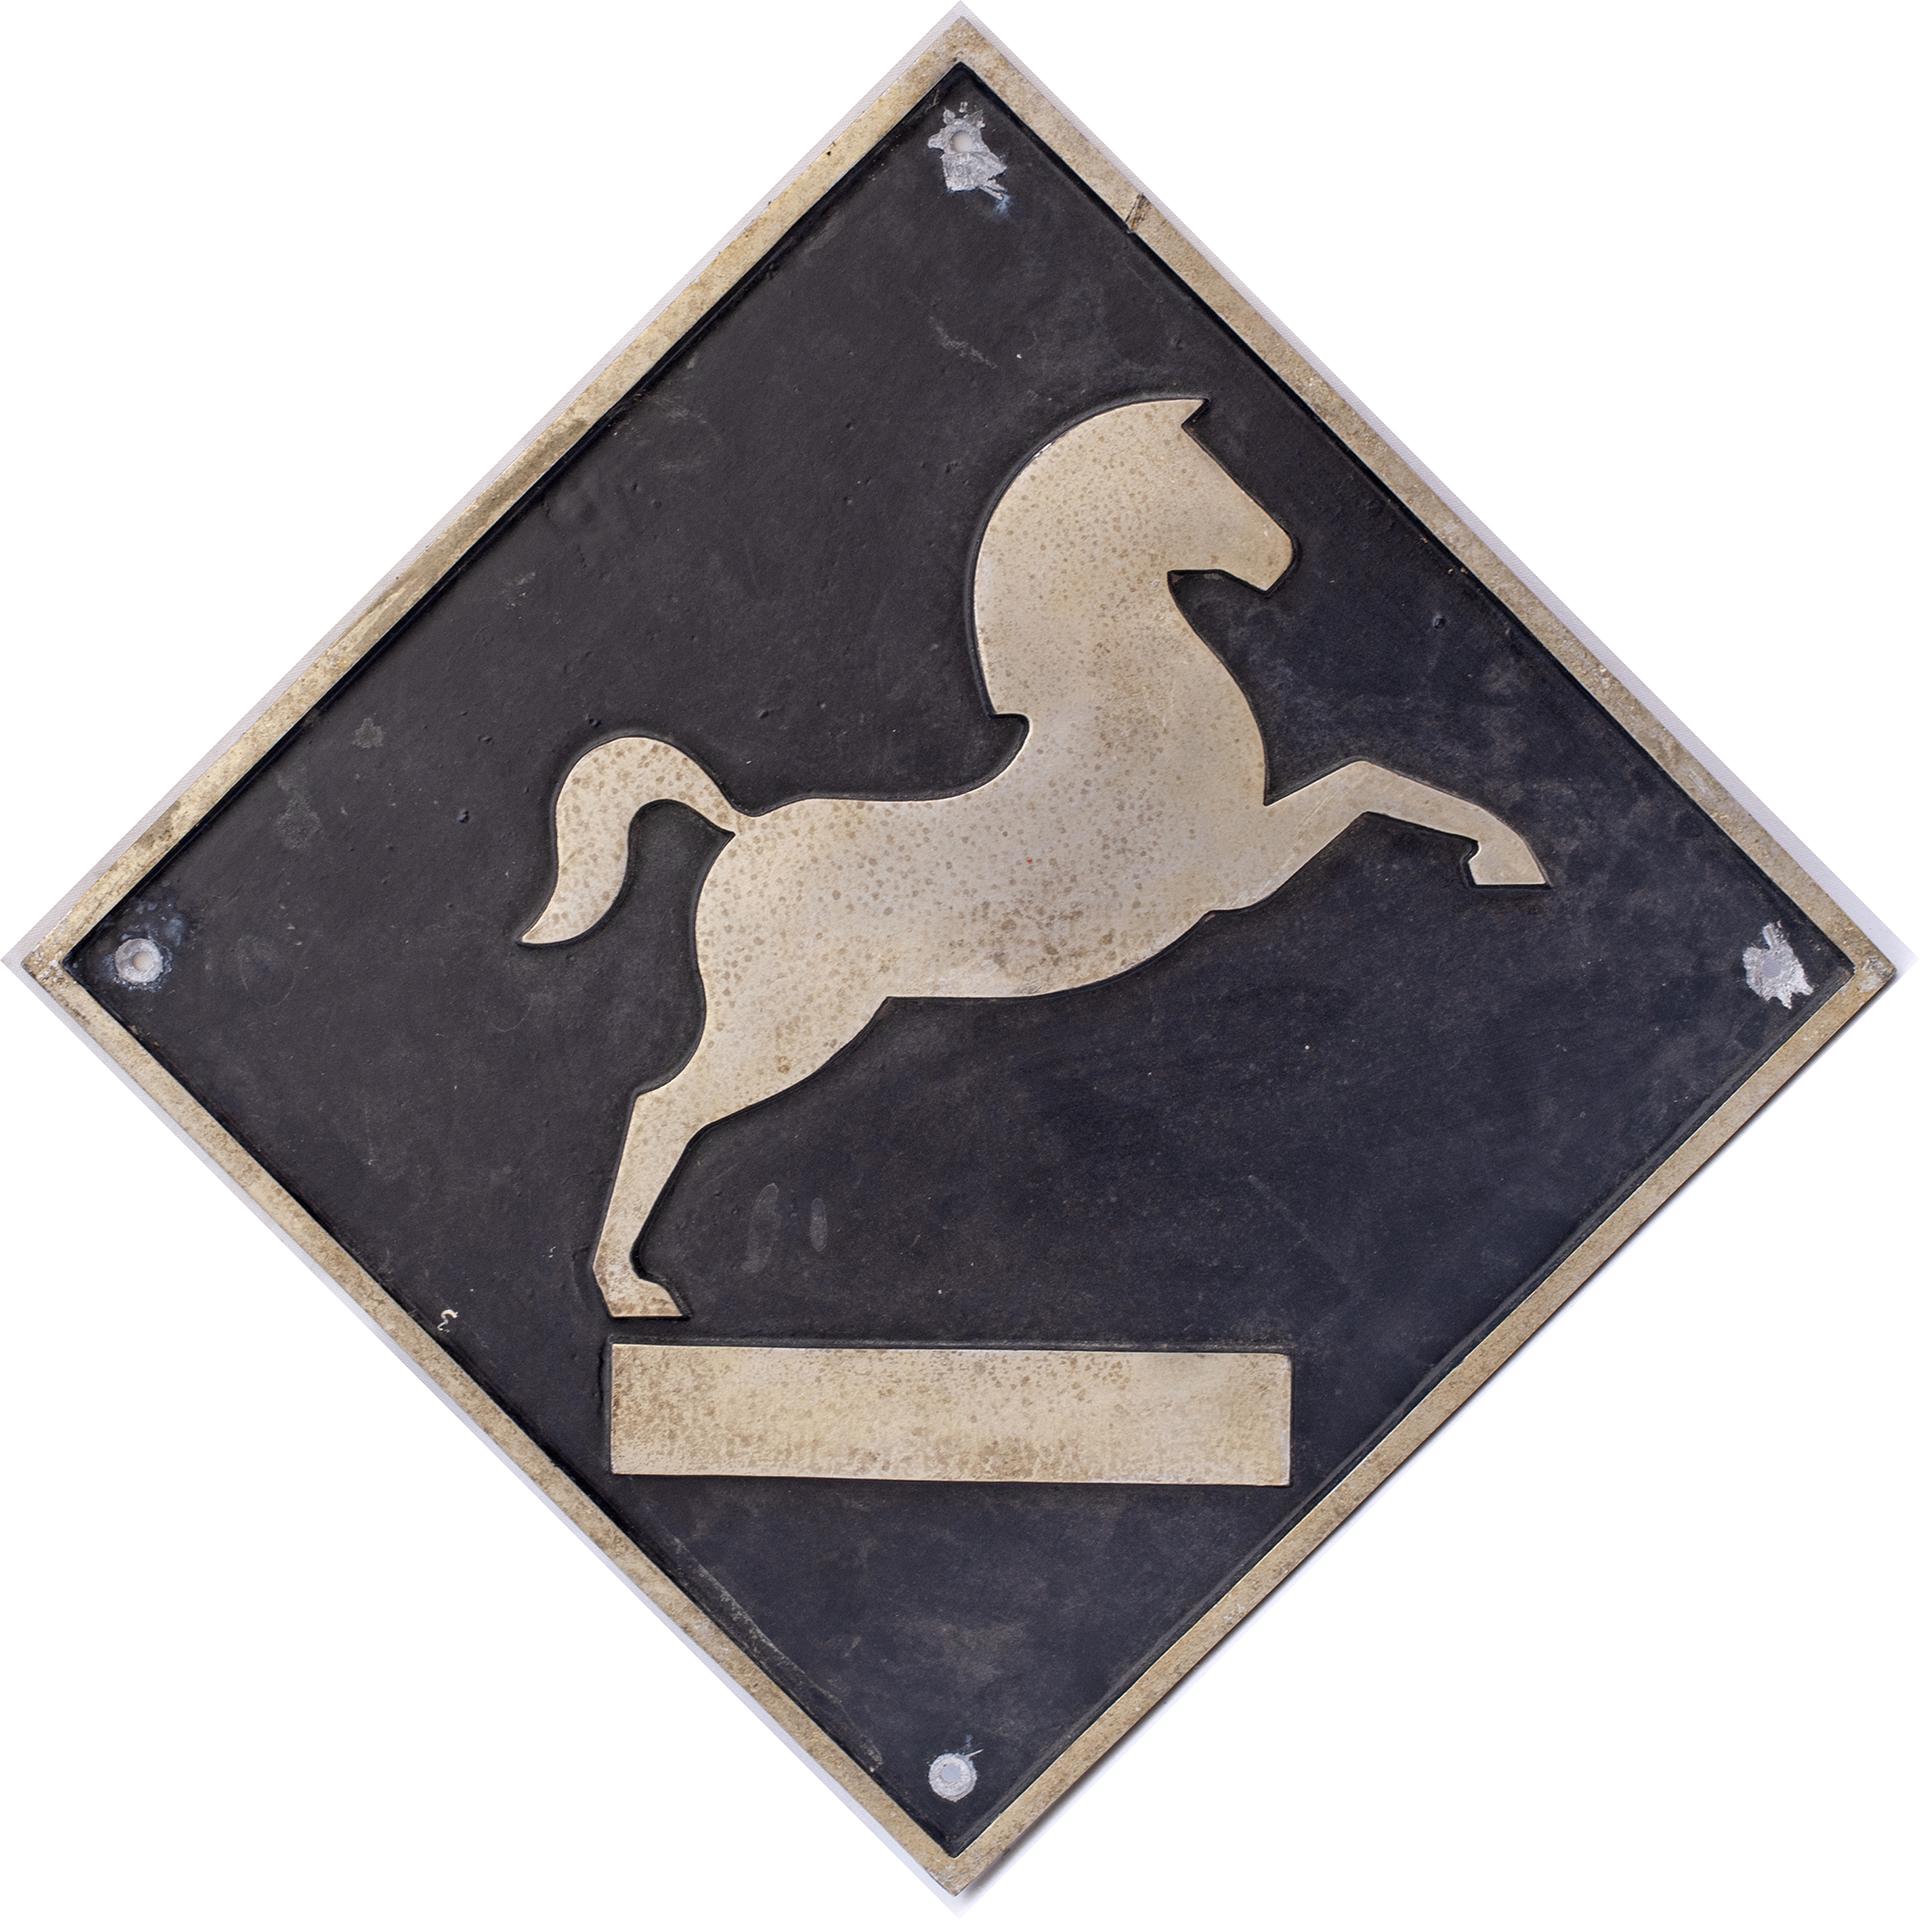 British Rail cast aluminium depot plaque for Westbury depicting the White Horse. Square cast